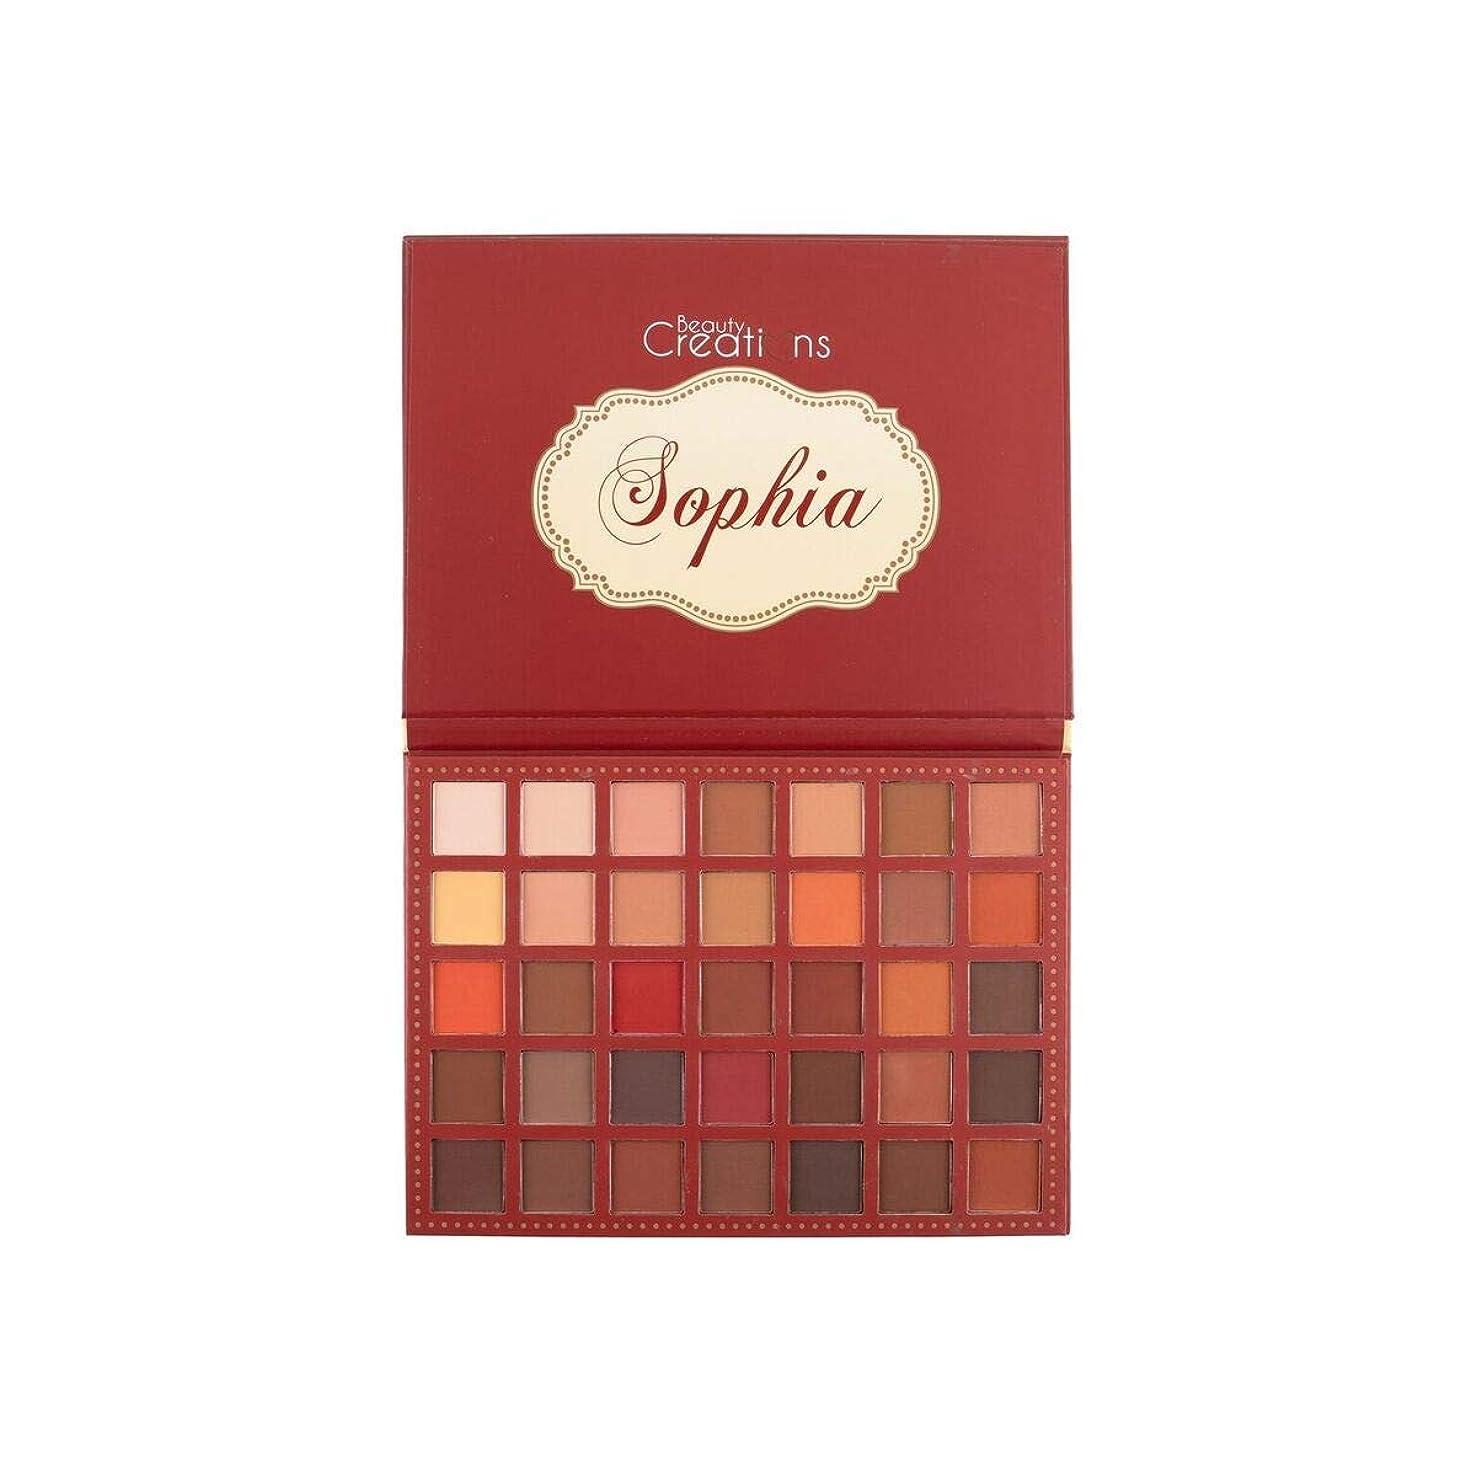 思いやりのあるスキル地域のBEAUTY CREATIONS 35 Color Eyeshadow Palette - Sophia (並行輸入品)